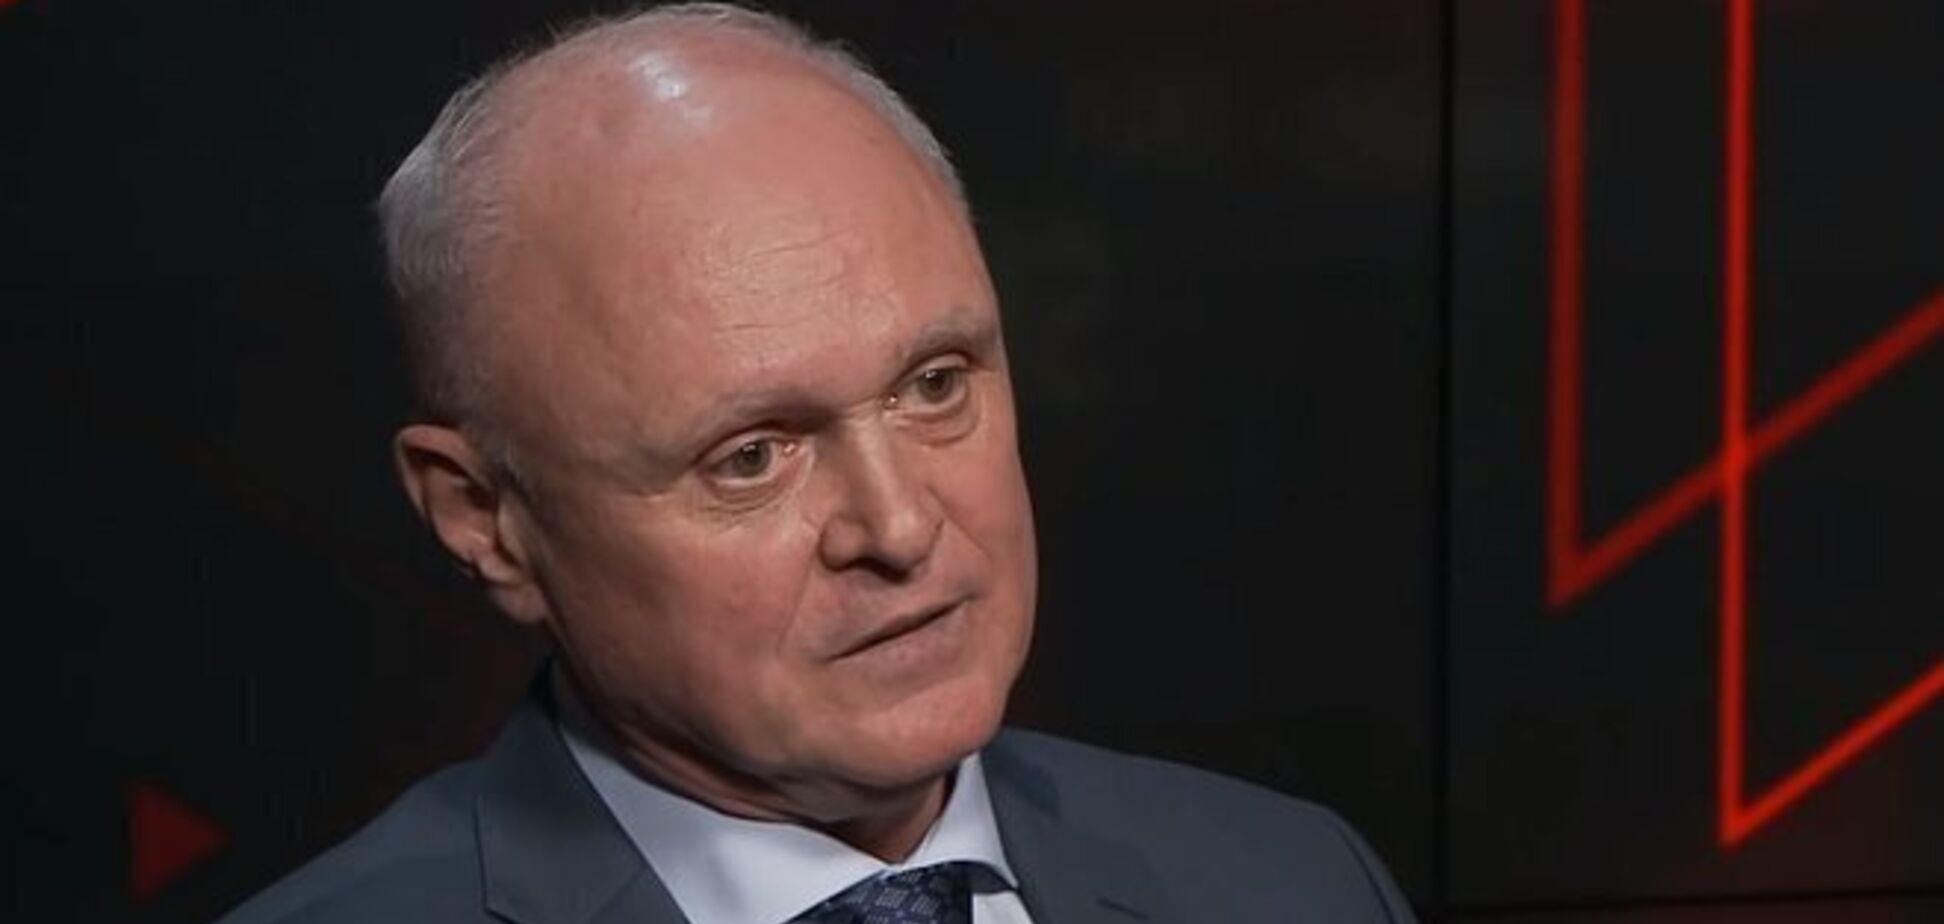 'Були готові до захисту Криму': радник Зеленського зробив гучну заяву про війну з Росією